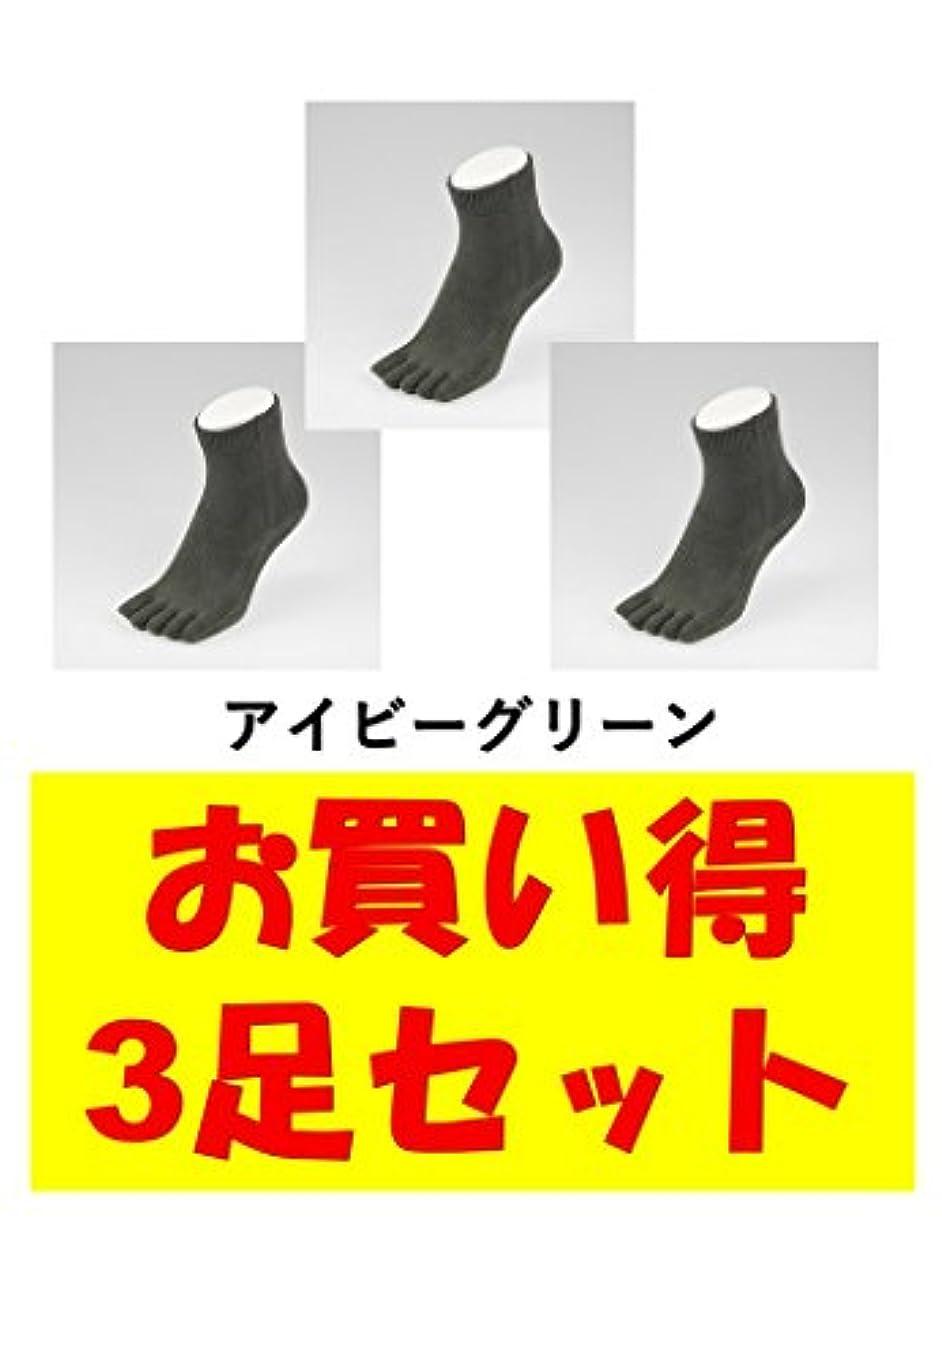 名誉あるダブル弱めるお買い得3足セット 5本指 ゆびのばソックス Neo EVE(イヴ) アイビーグリーン iサイズ(23.5cm - 25.5cm) YSNEVE-IGR